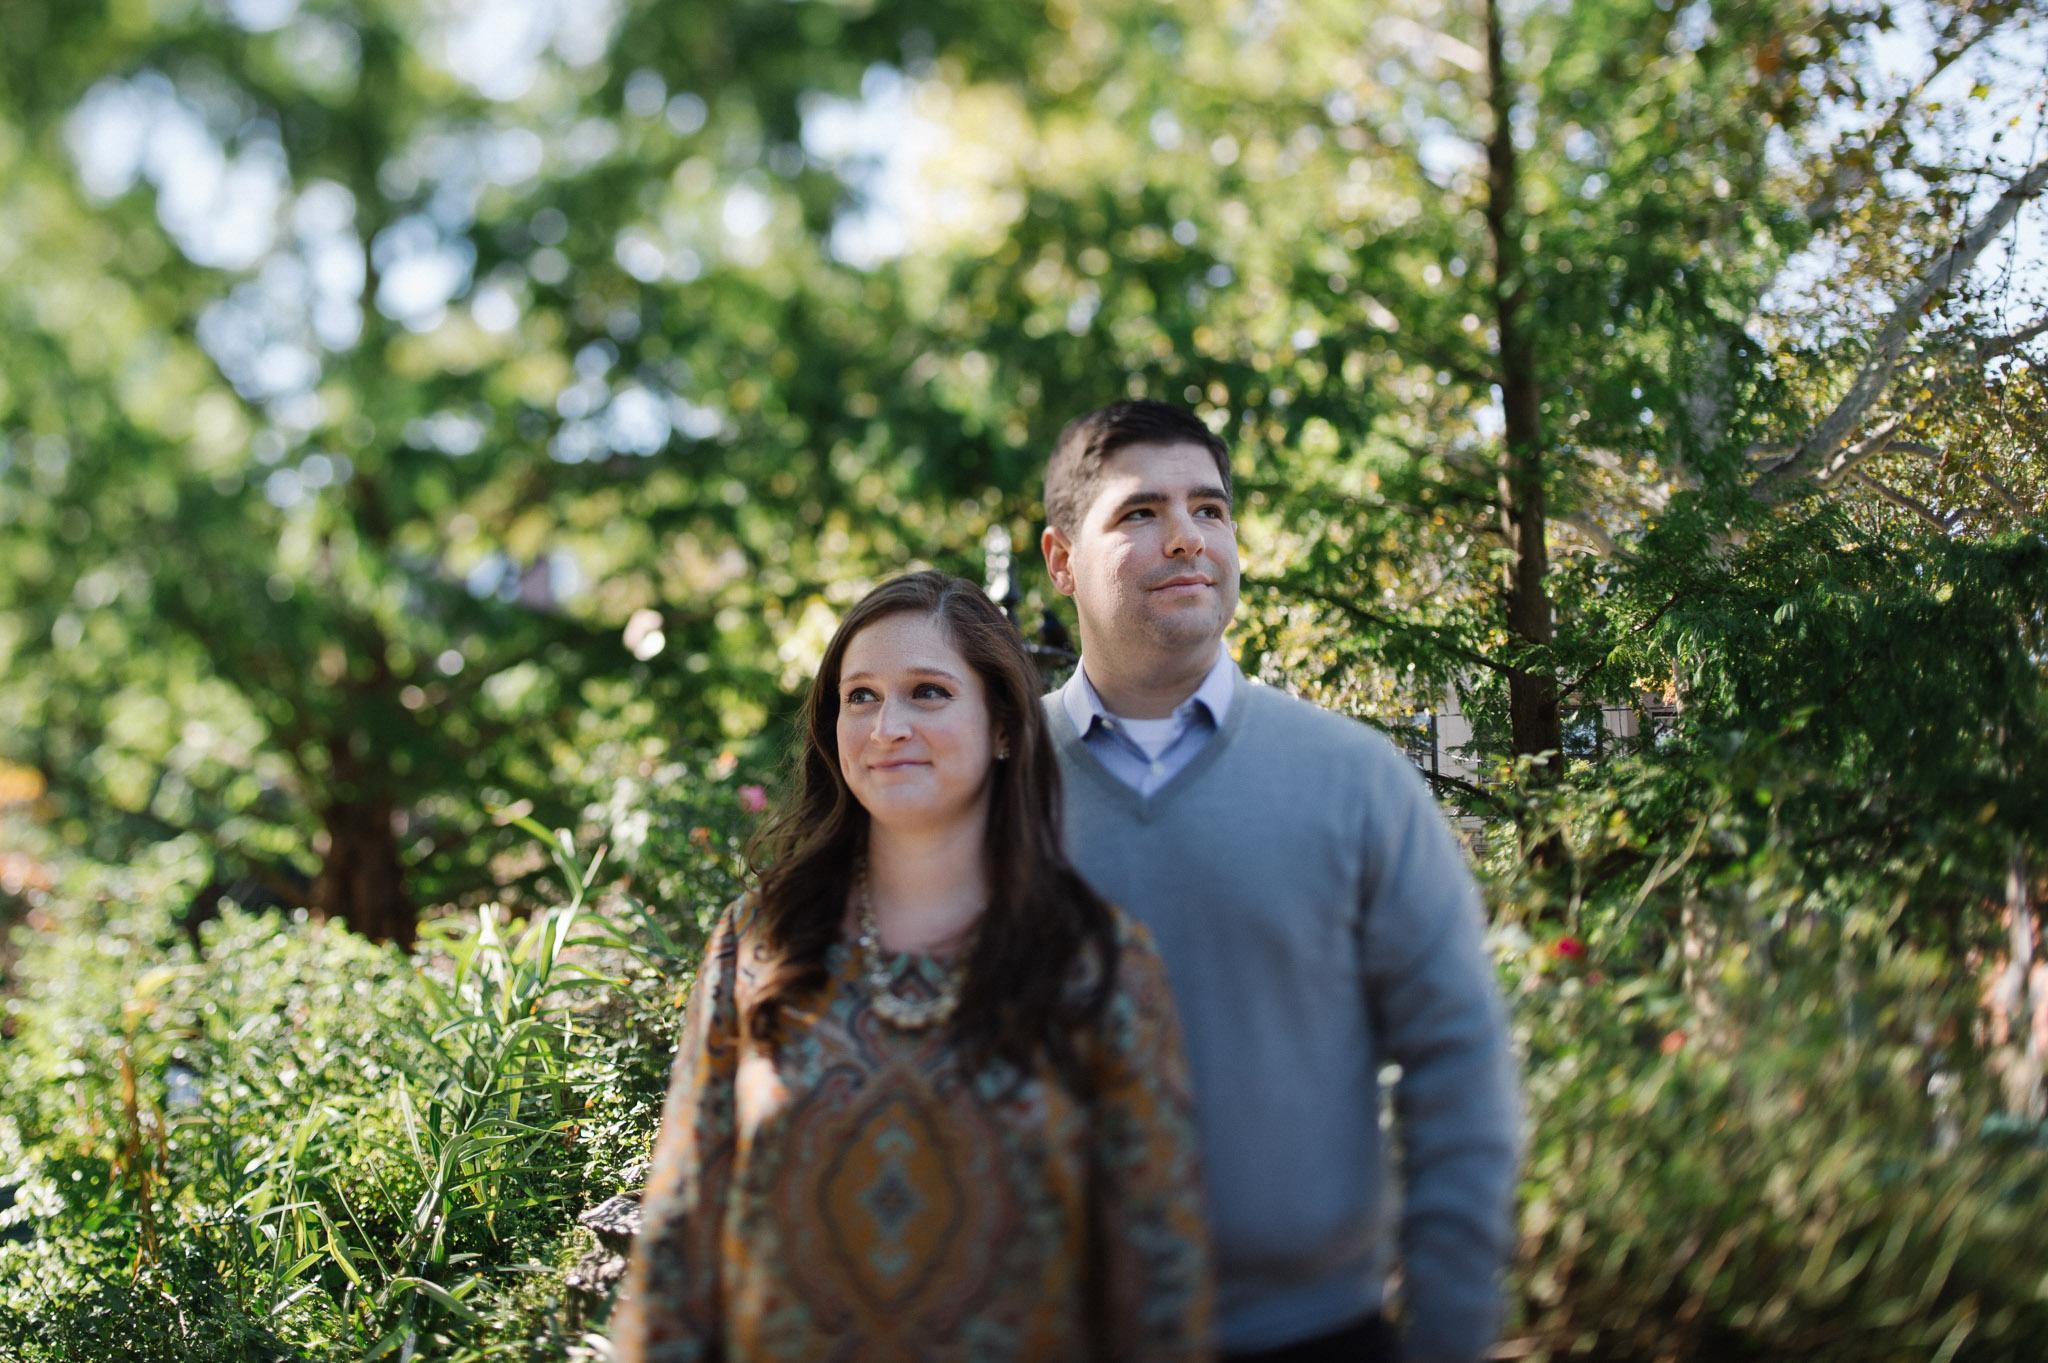 161010_0065-Danielle+Matthew_Engagement.jpg